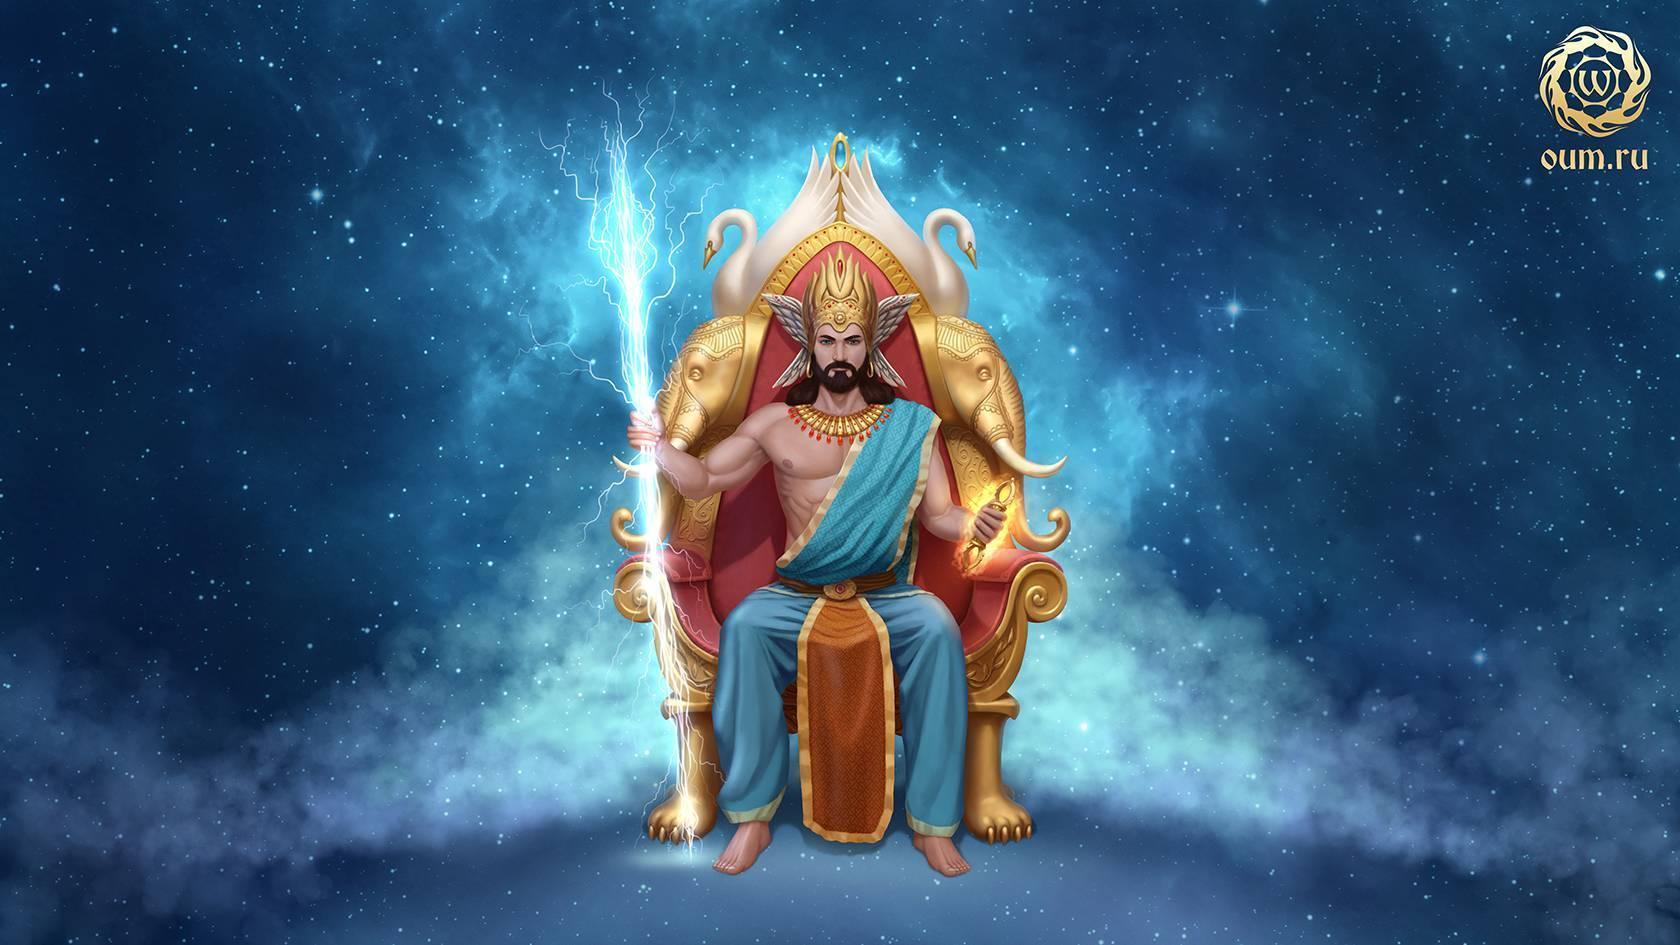 Анги: бог огня в ведизме, символизм, изображение и другие детали